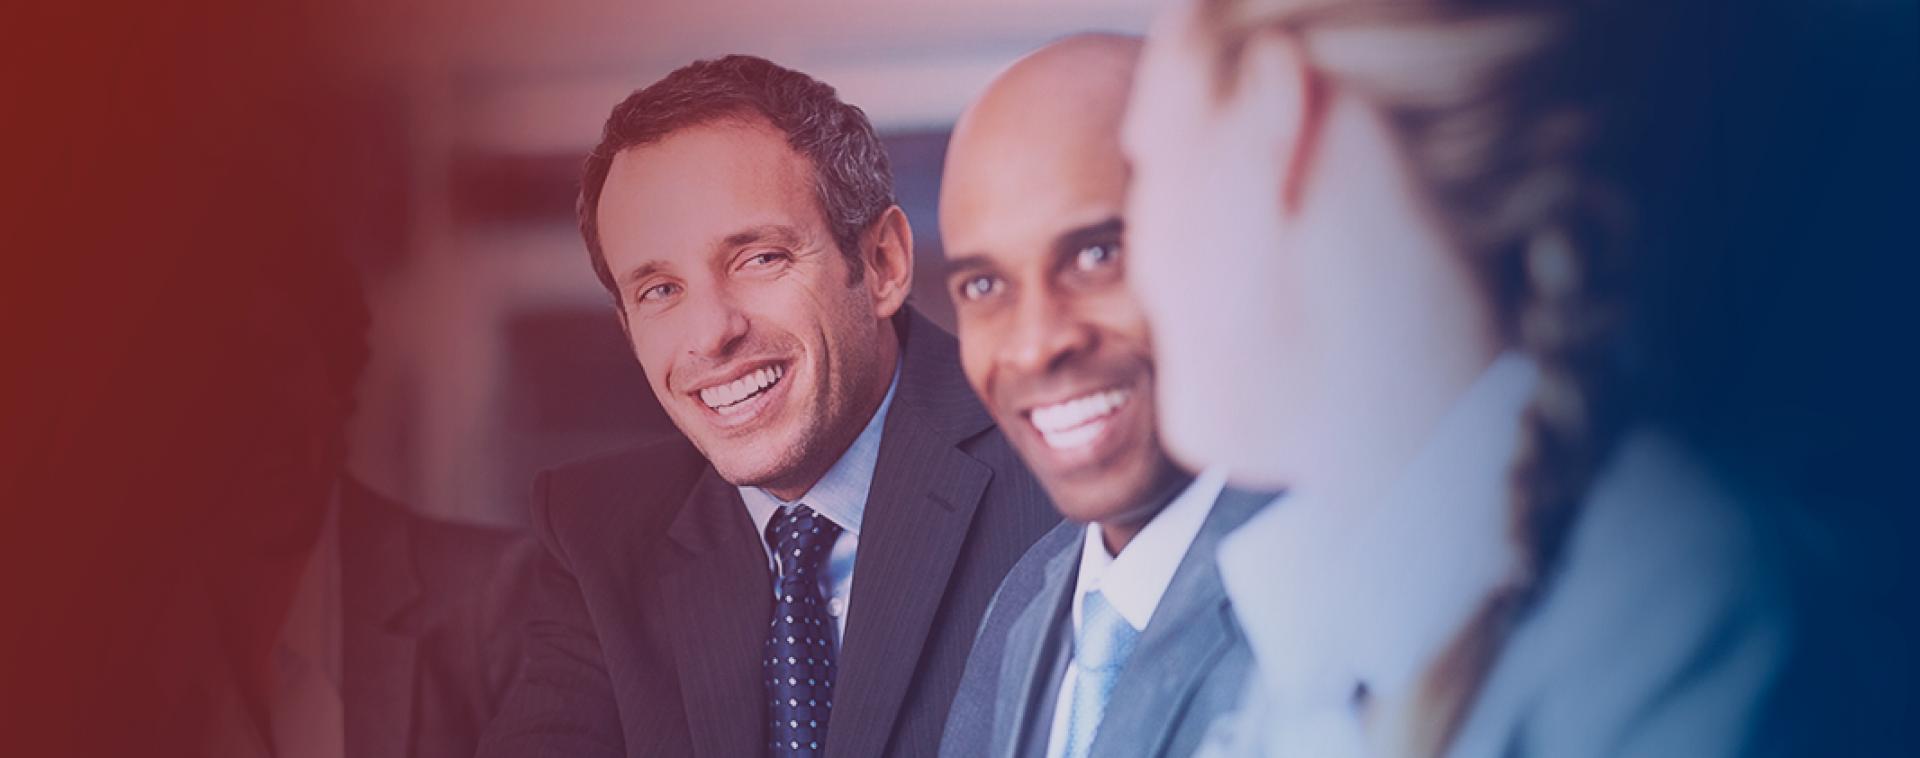 Together – Ferramentas de software e serviços para melhoria de produtividade empresarial